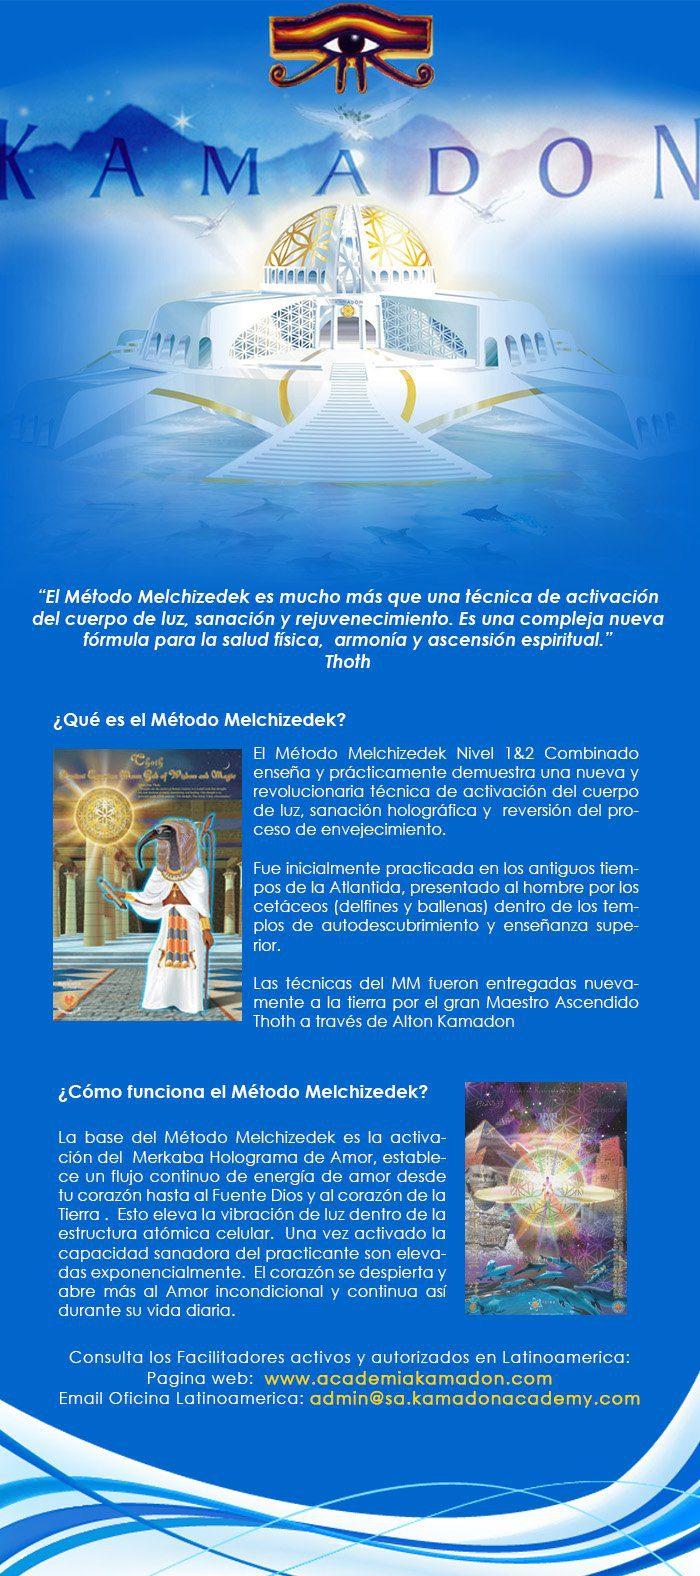 Metodo Melchizedek -Mercedes Cibeira